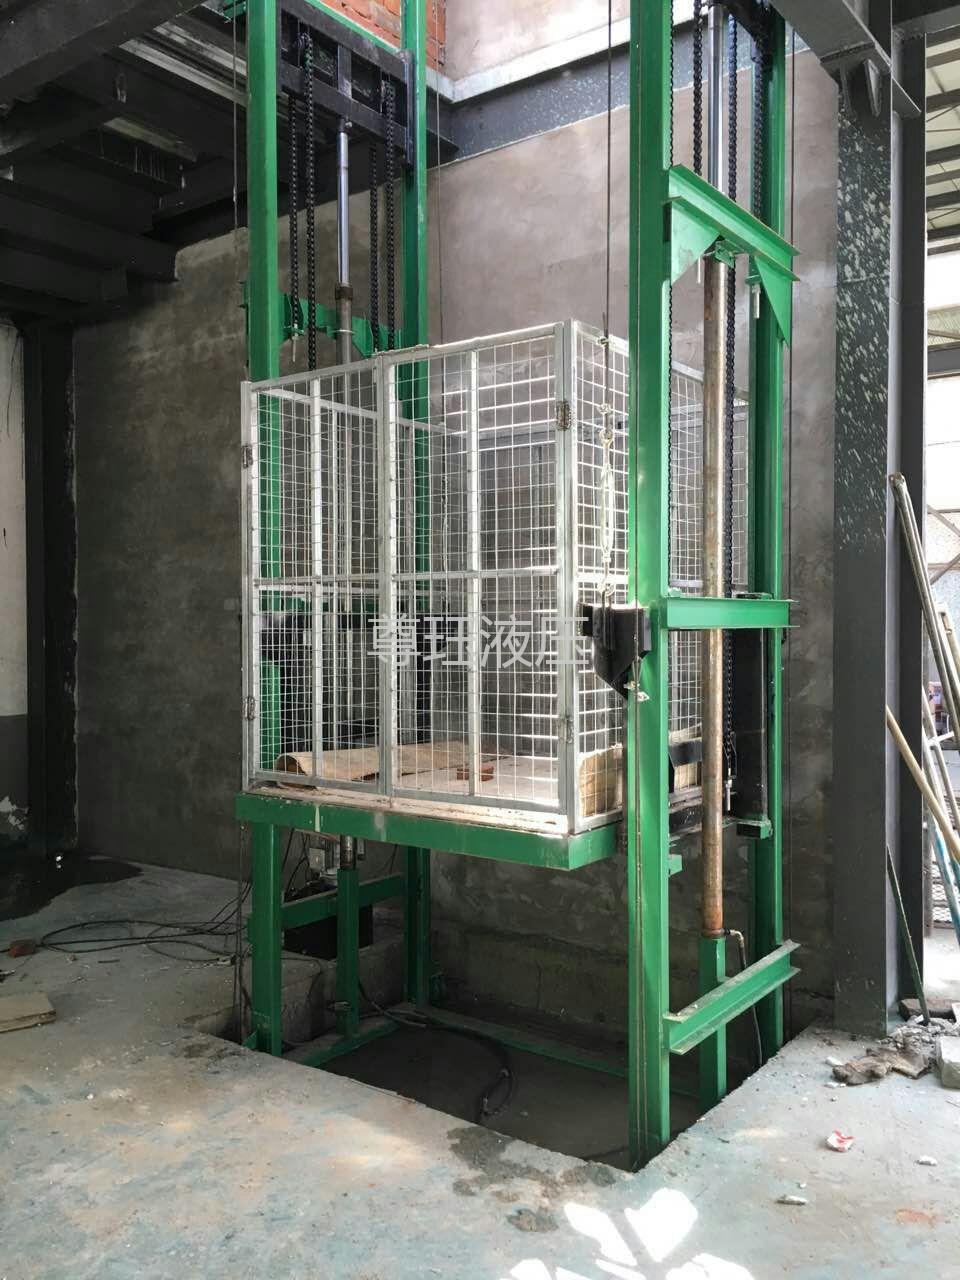 SJD1-3.5双轨升降货梯